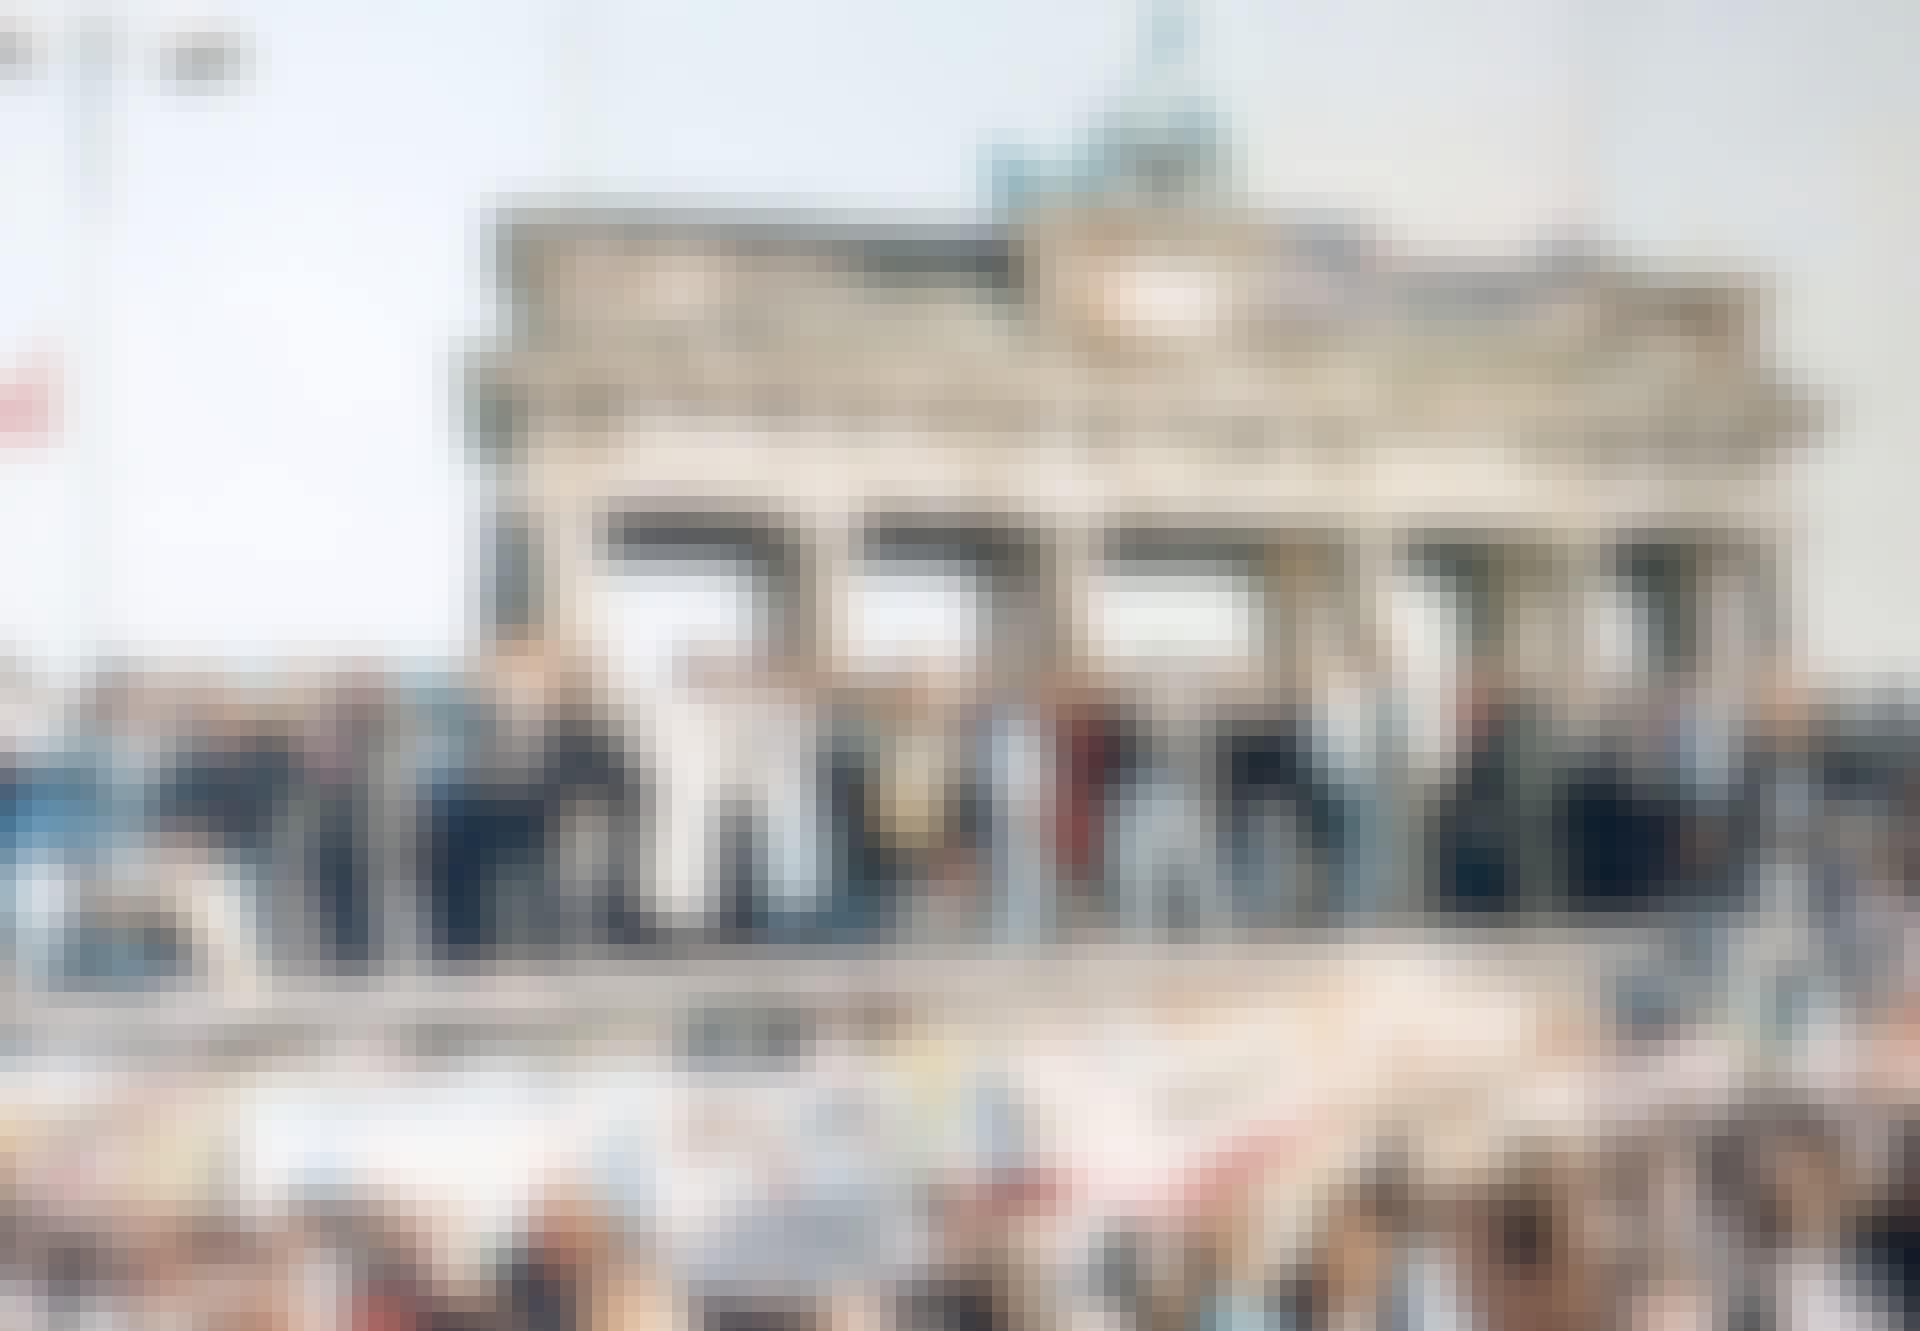 Ihmisiä Berliinin muurilla Brandenburgin portilla